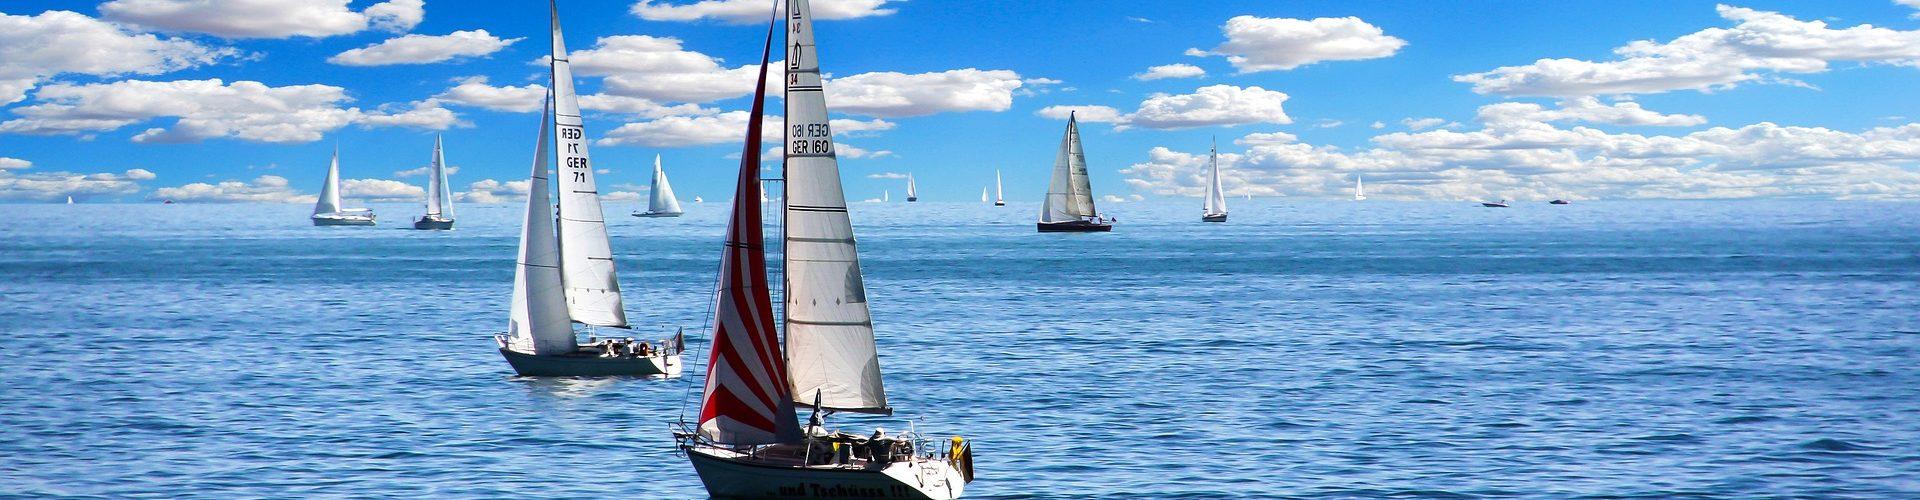 segeln lernen in Höchstädt im Fichtelgebirge segelschein machen in Höchstädt im Fichtelgebirge 1920x500 - Segeln lernen in Höchstädt im Fichtelgebirge